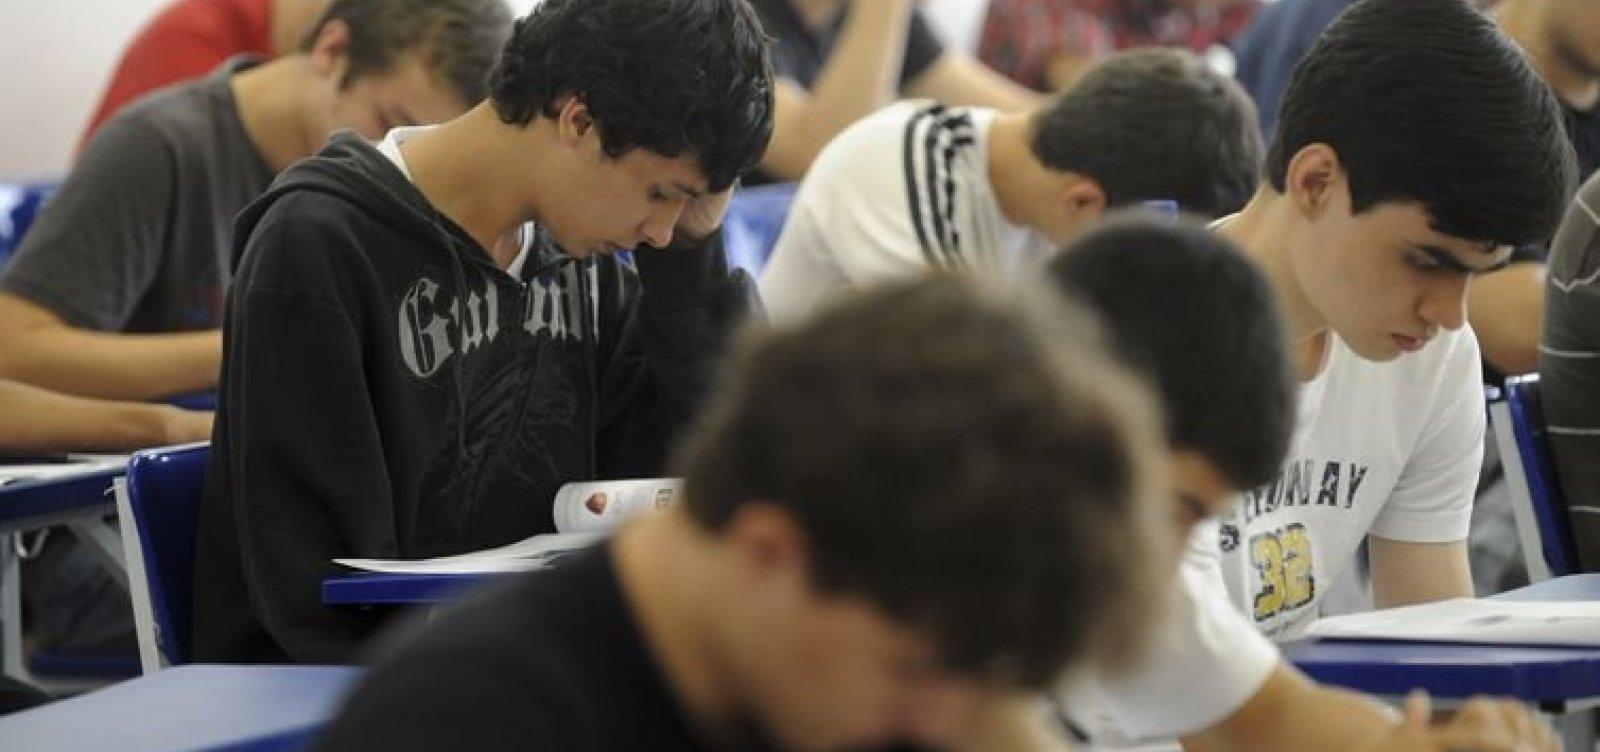 [Governo de São Paulo decide paralisar aulas presenciais ]